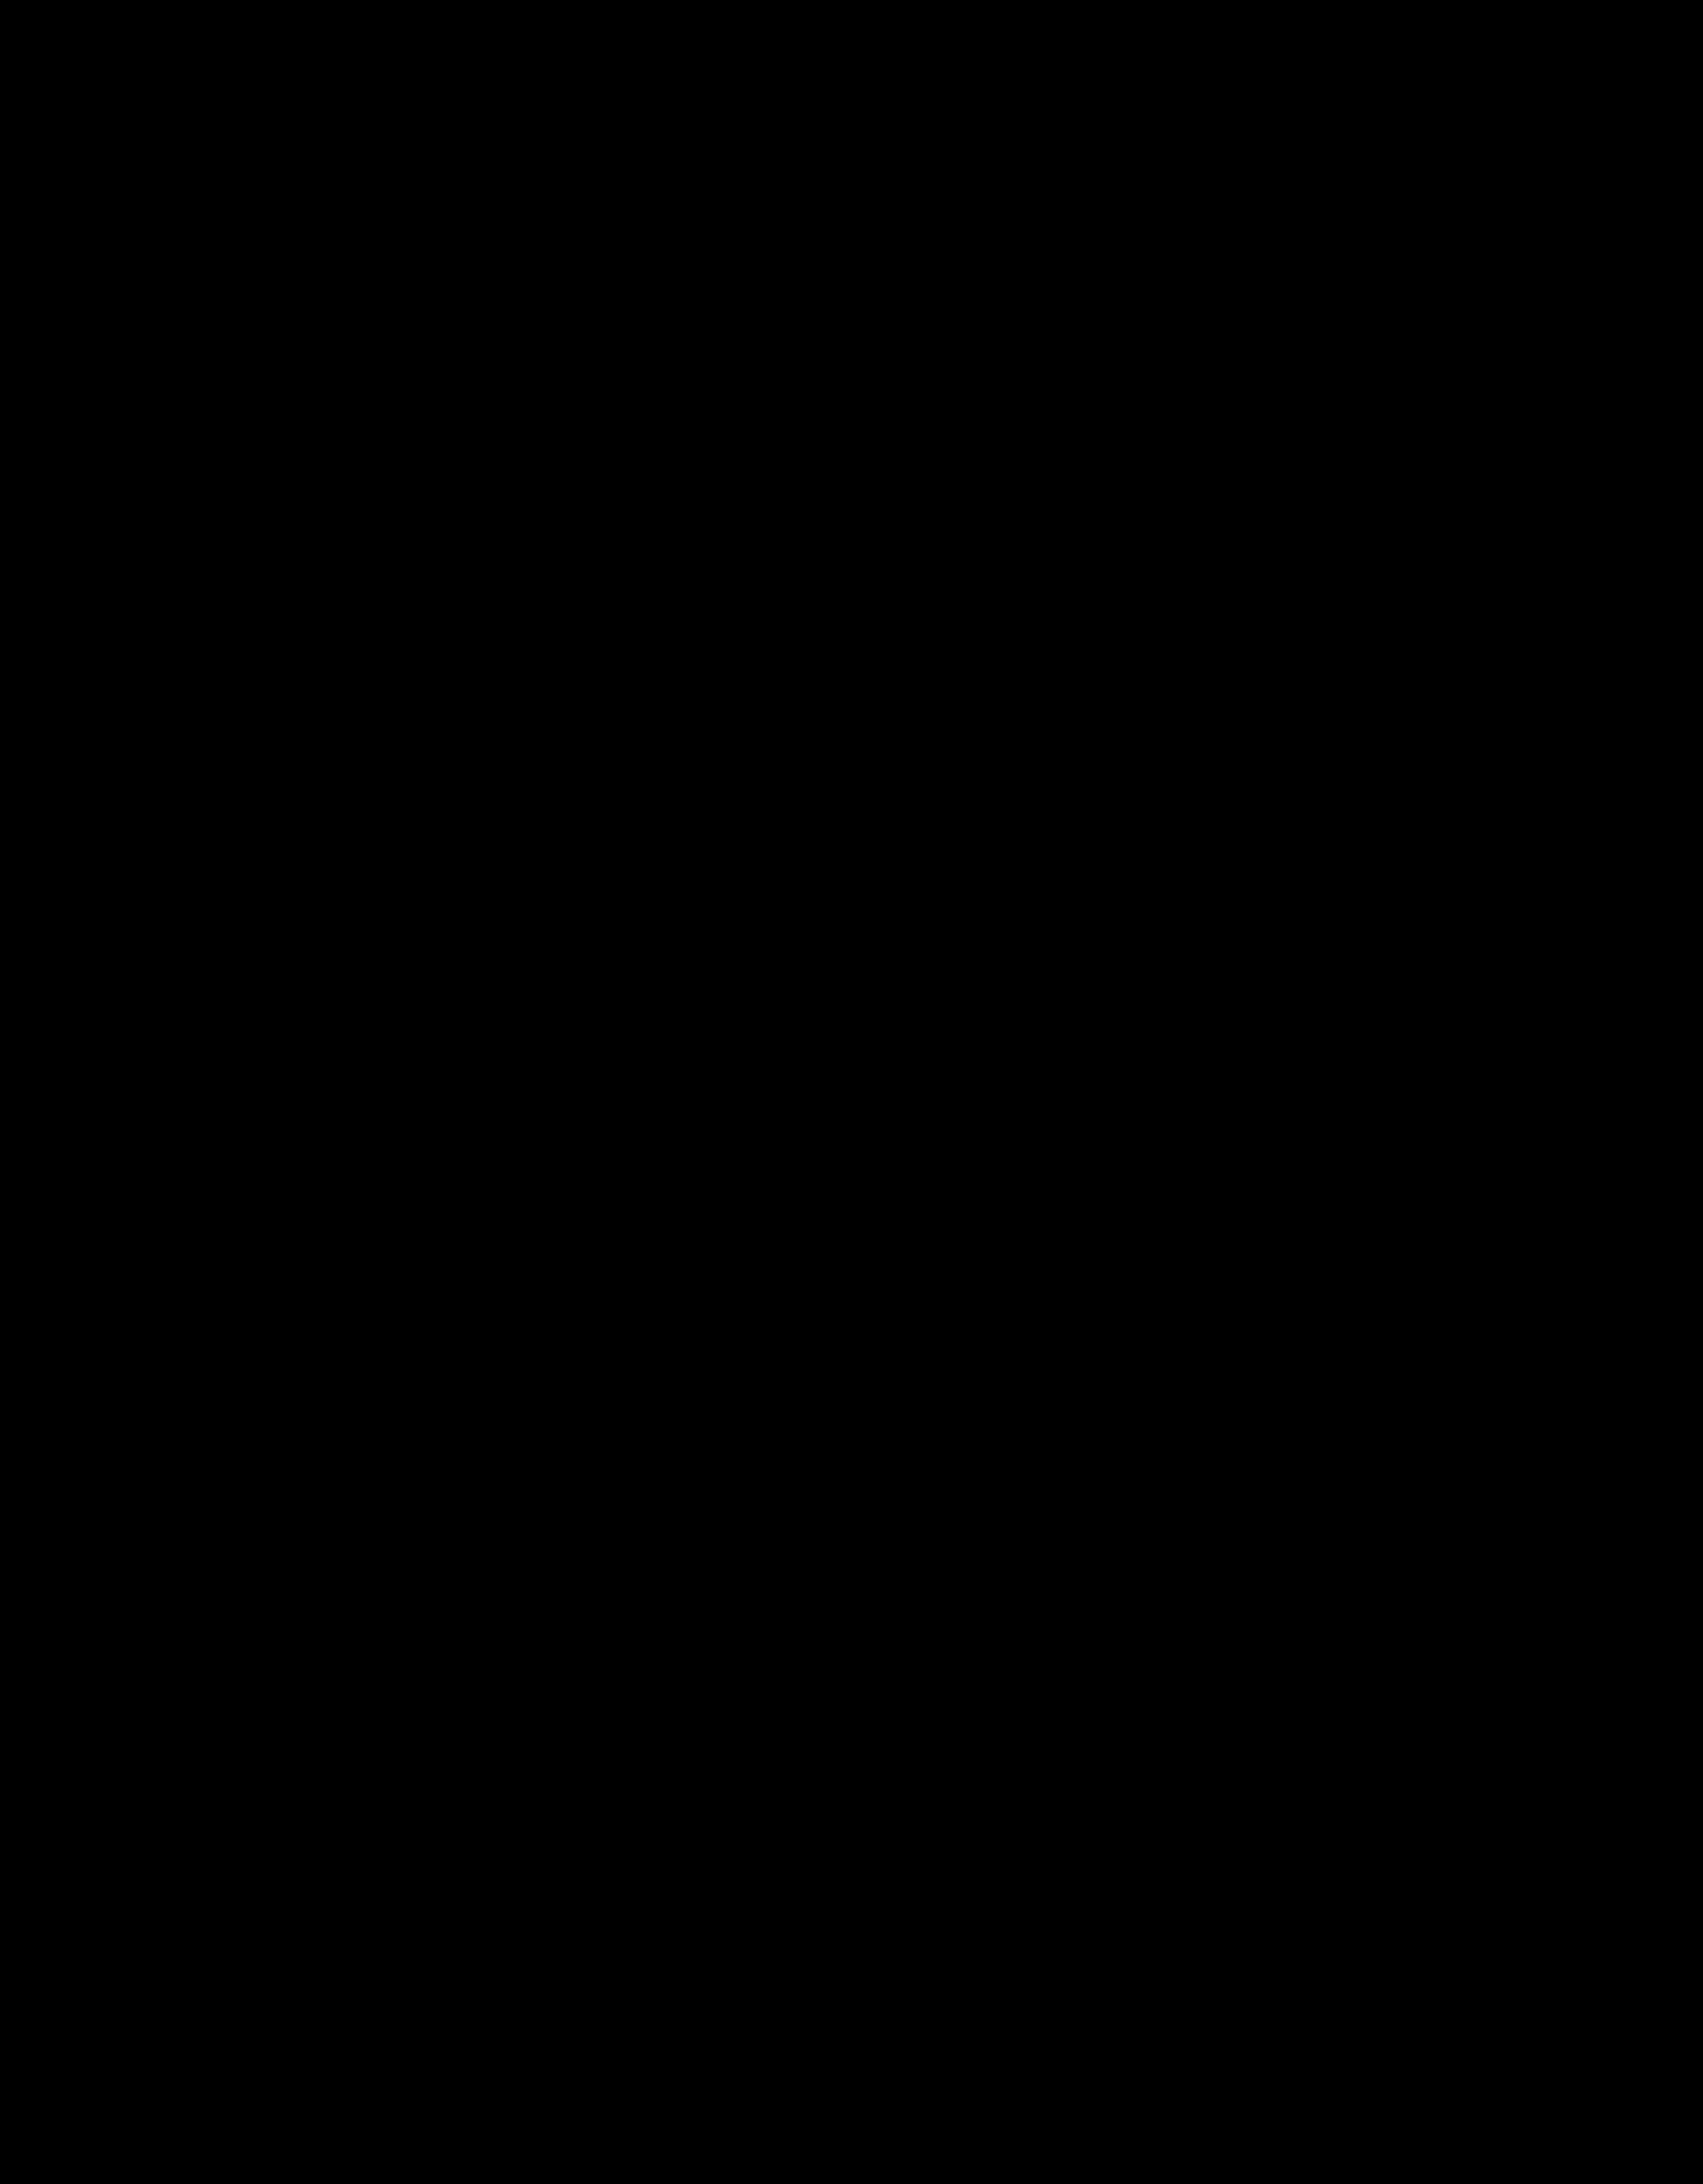 pot-plant-silhouette-2.png